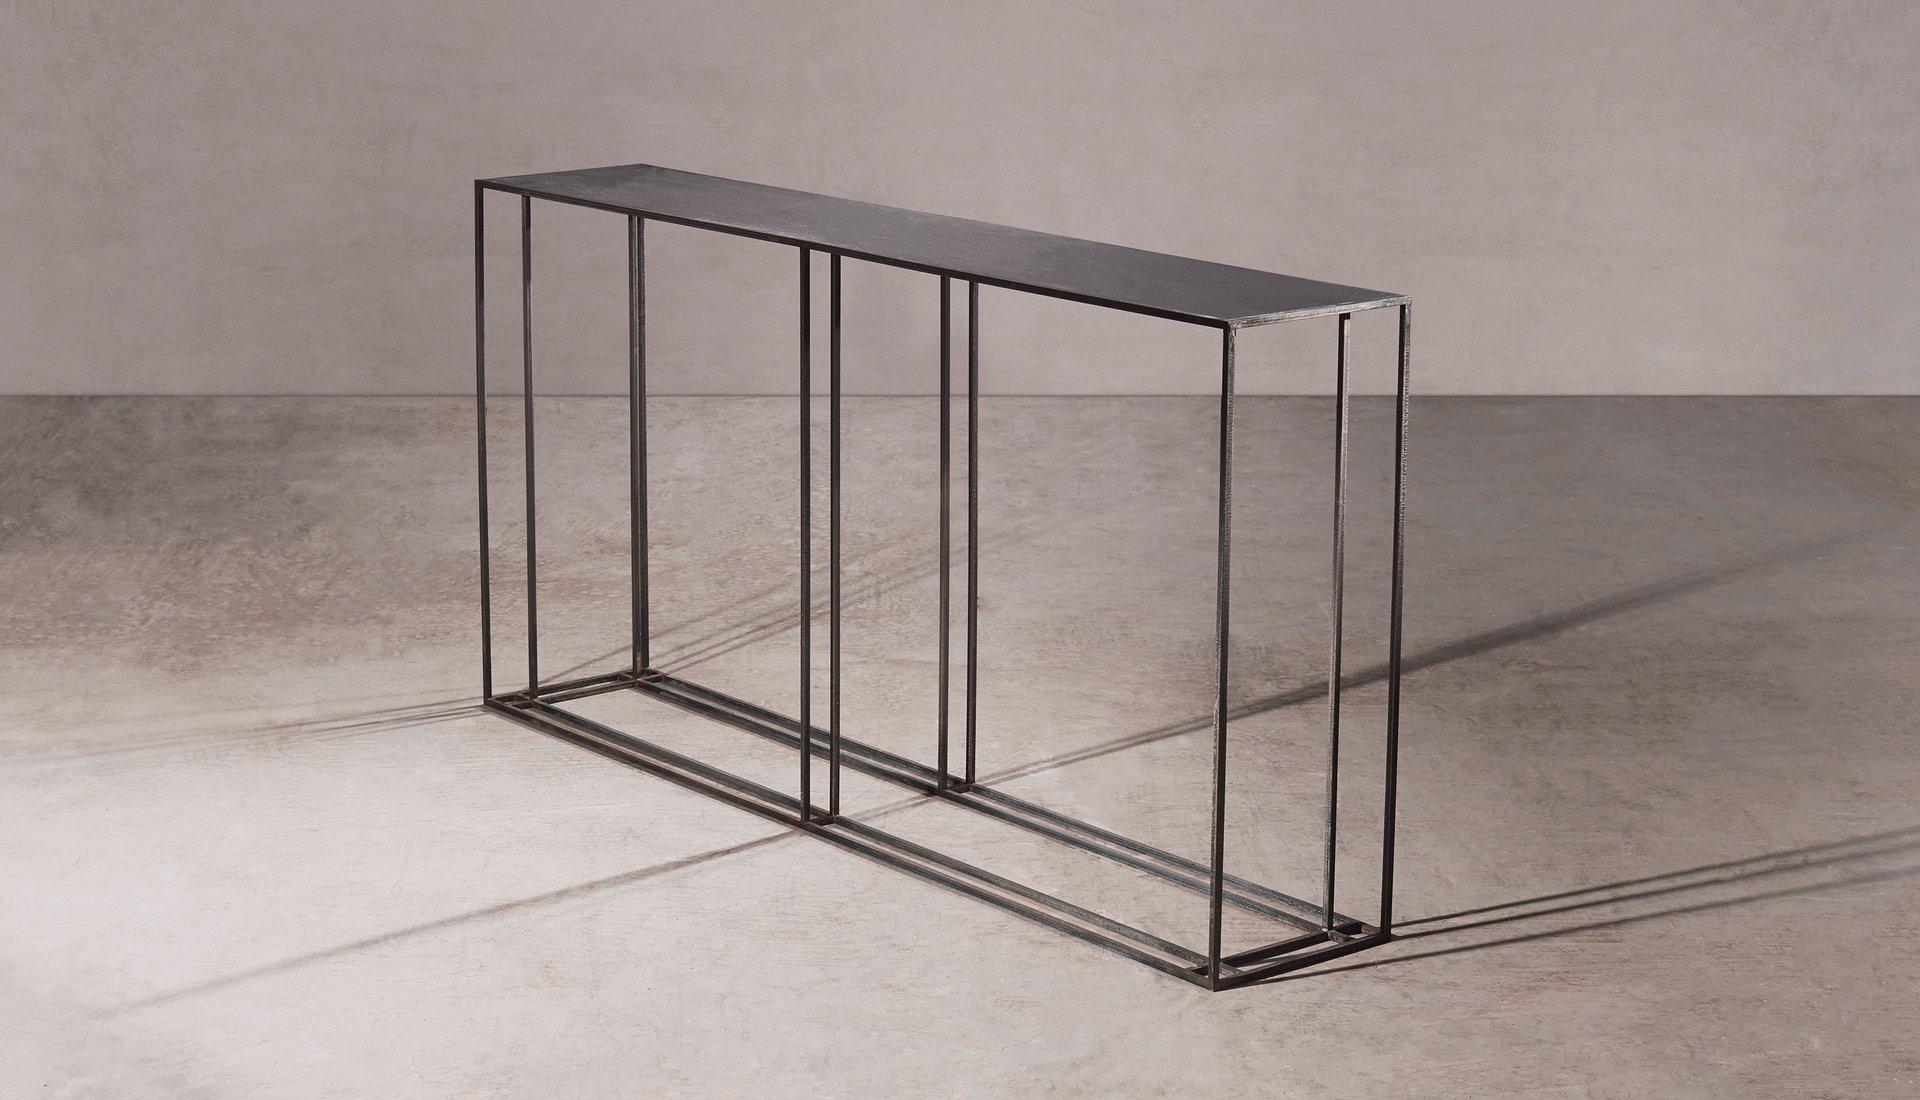 gro er loft konsolentisch von richy almond f r novocastrian bei pamono kaufen. Black Bedroom Furniture Sets. Home Design Ideas